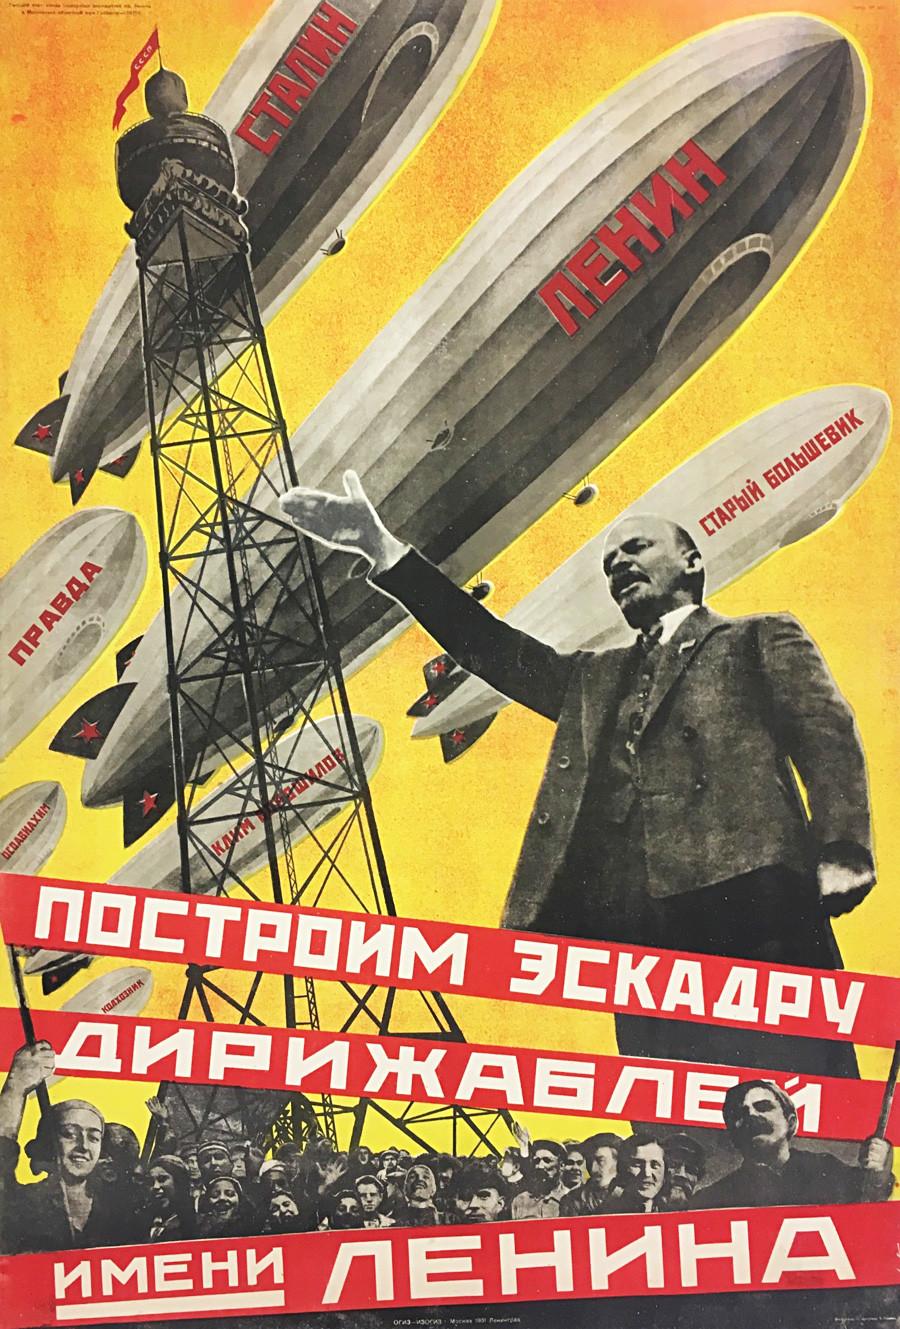 L'affiche de propagande sur laquelle on peut lire : «Construisons une escadre de dirigeables portant le nom de Lénine».